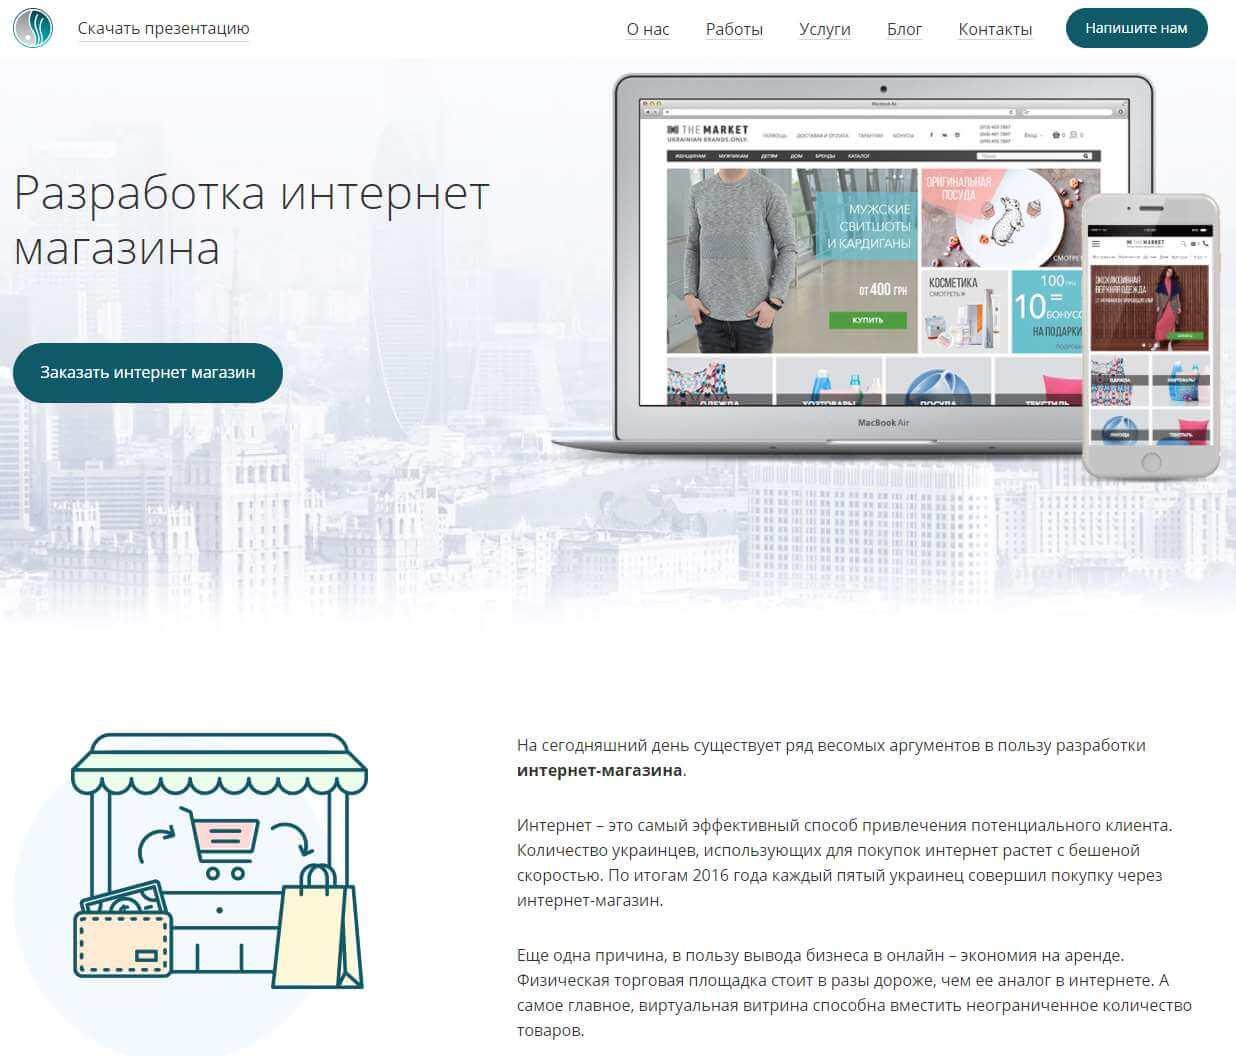 VIS-A-VIS - обзор компании, услуги, отзывы, клиенты, Фото № 3 - google-seo.pro